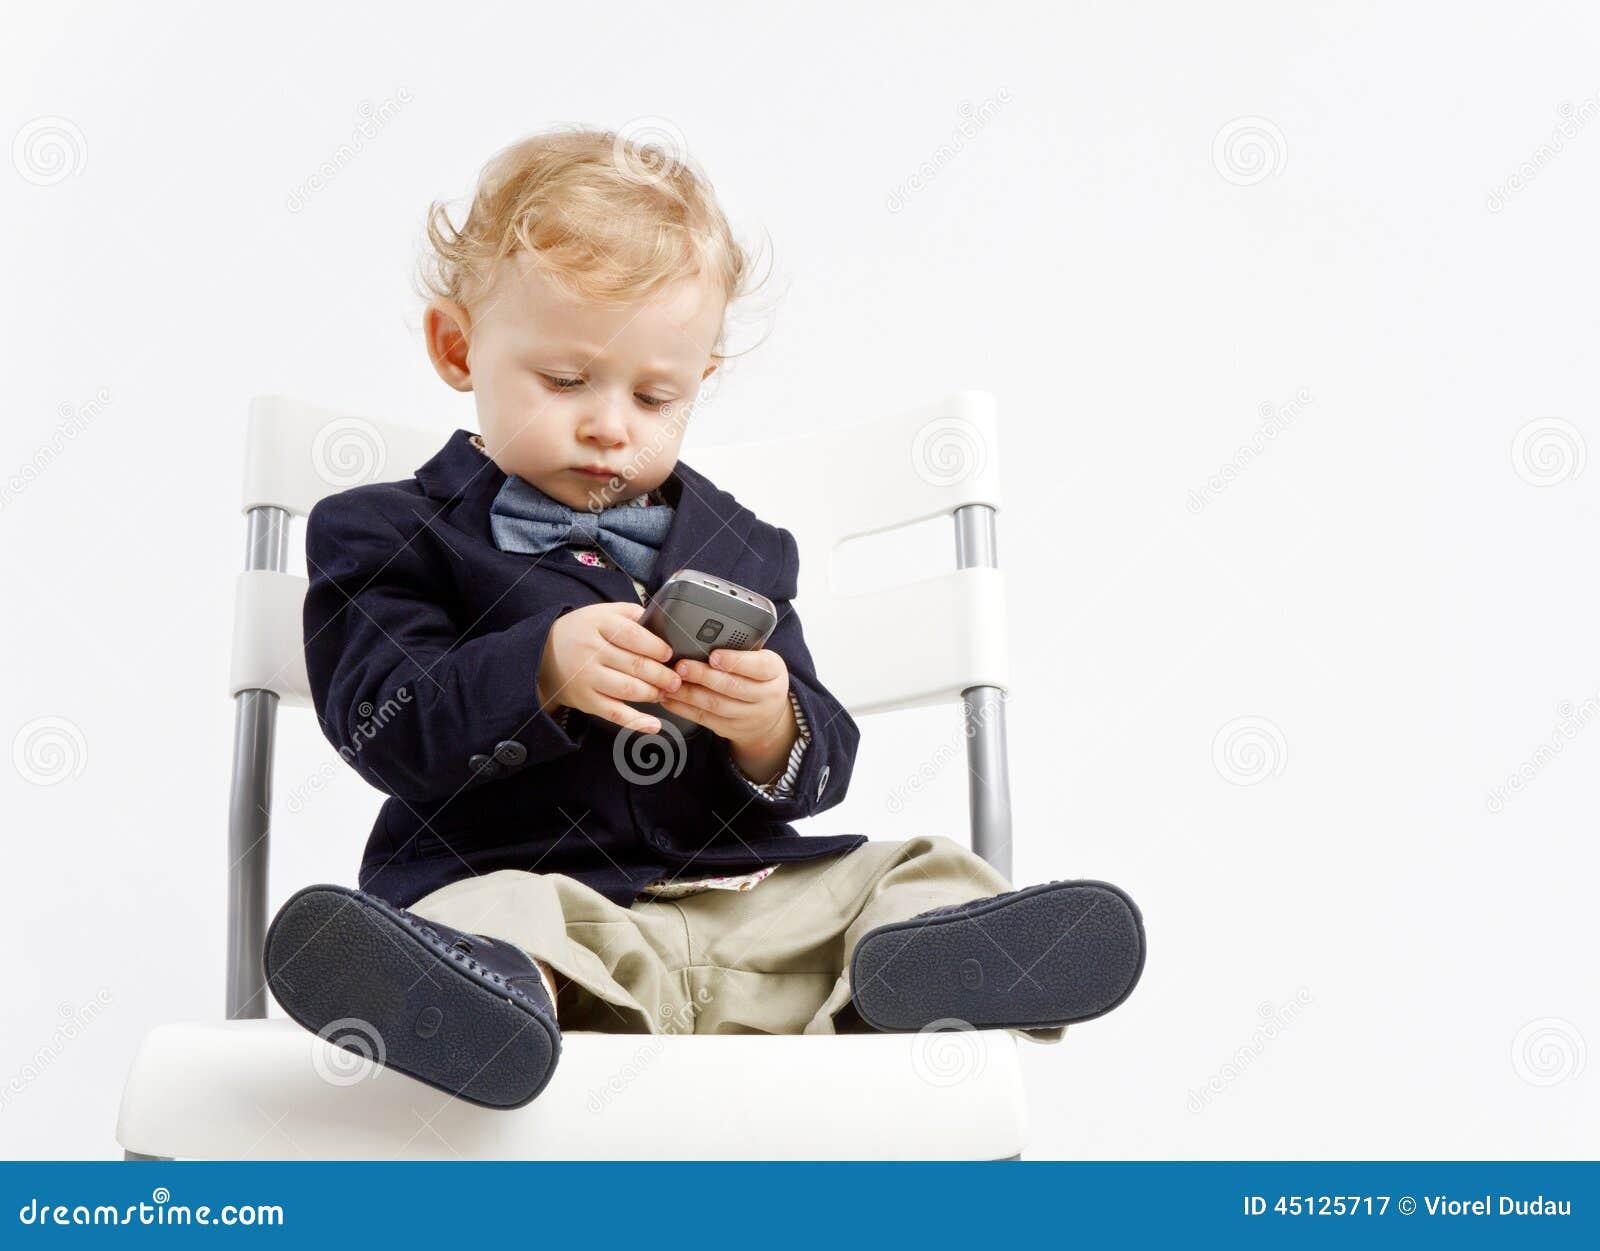 Geschäftsbaby mit Telefon